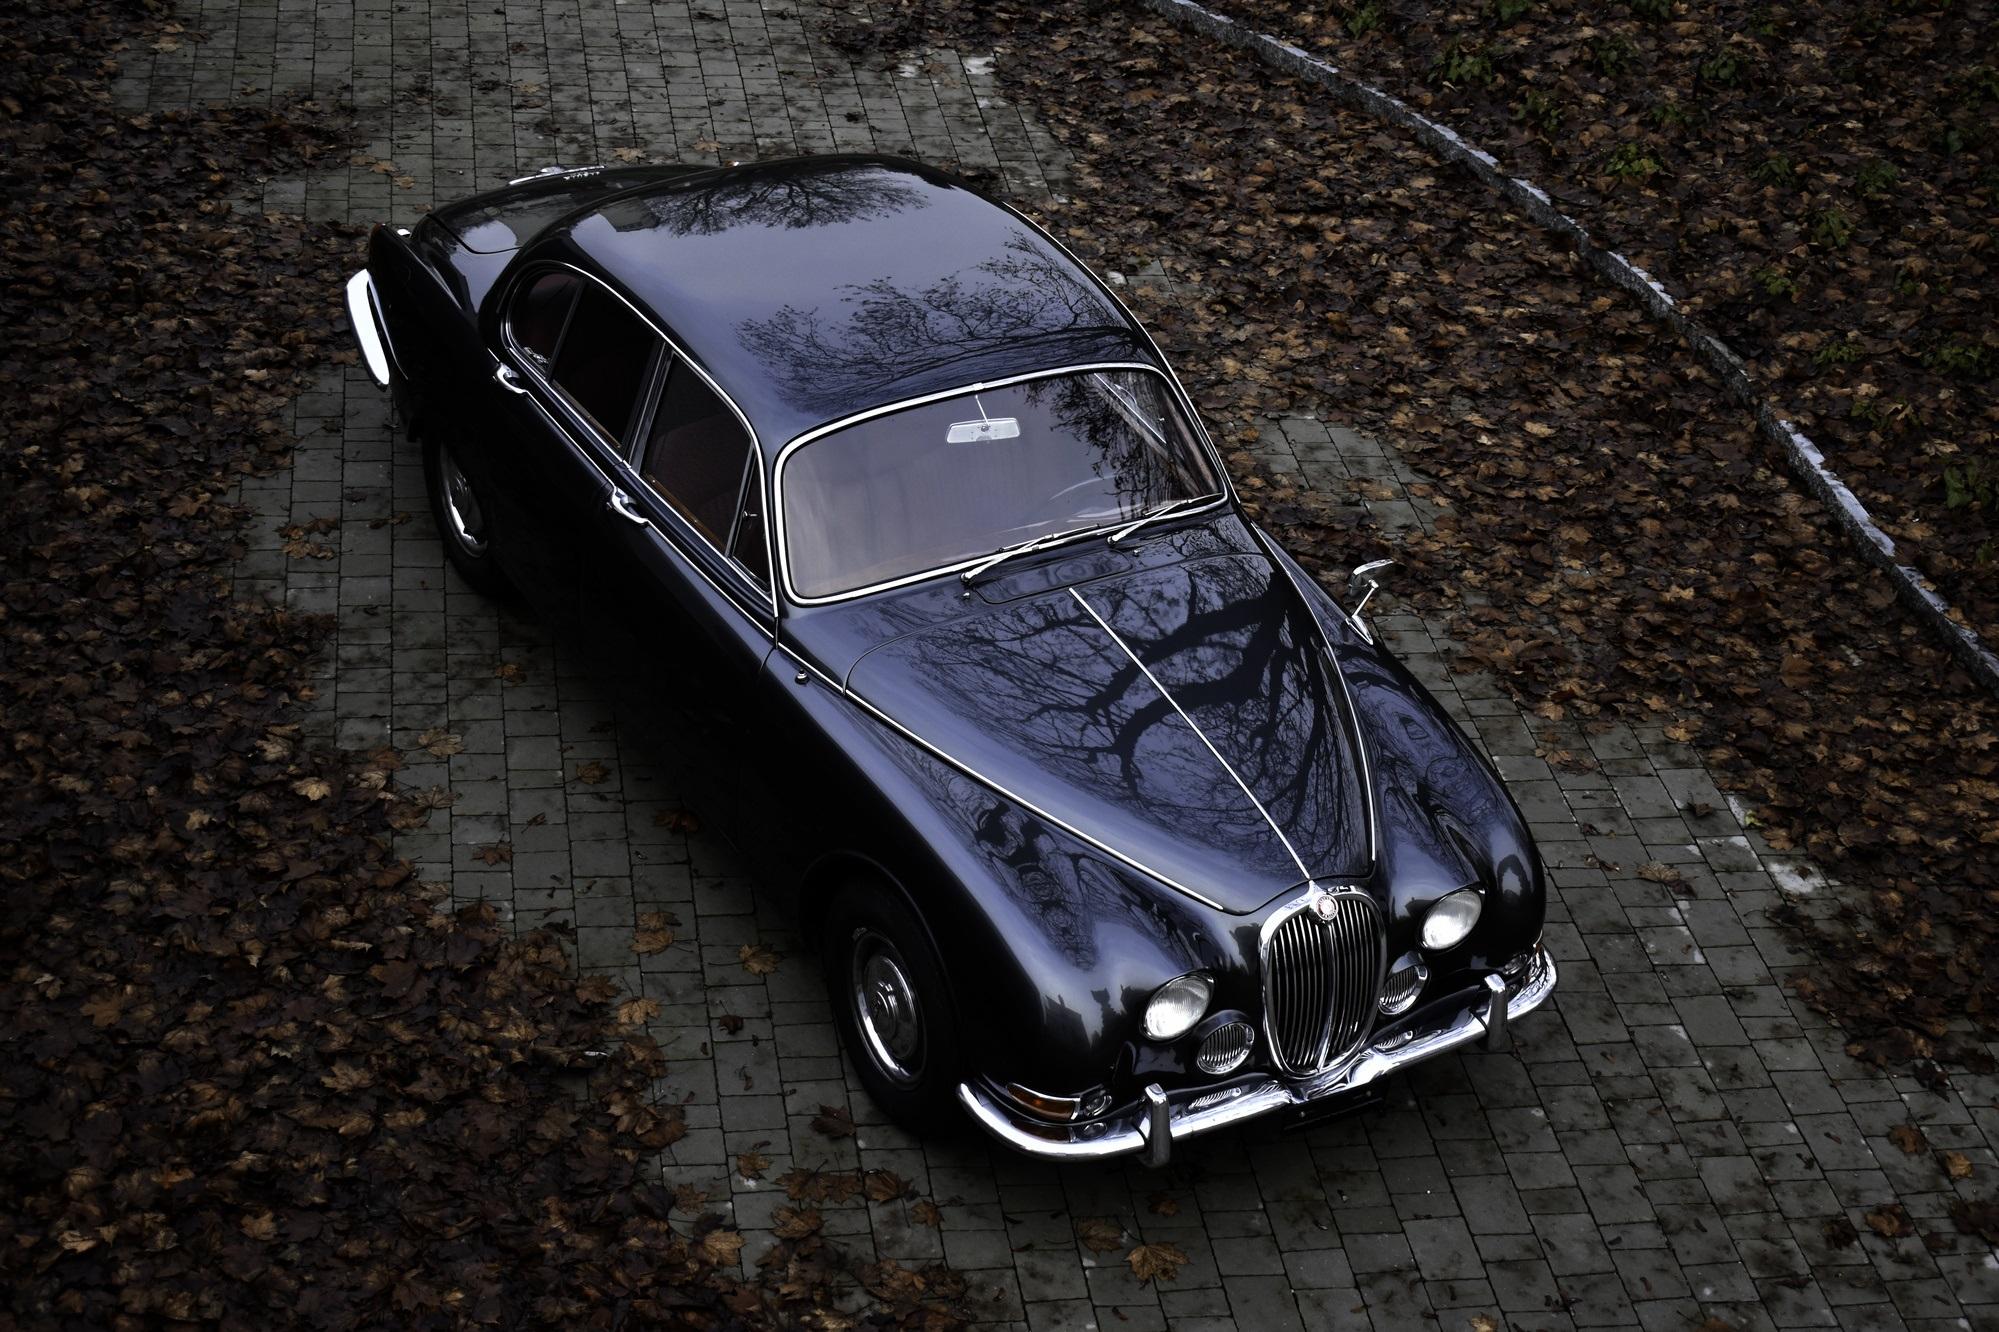 Versteigerung Auktion grauer 1966 Jaguar S-Type 3.8 Liter in Dreiviertelansicht von rechts vorne oben